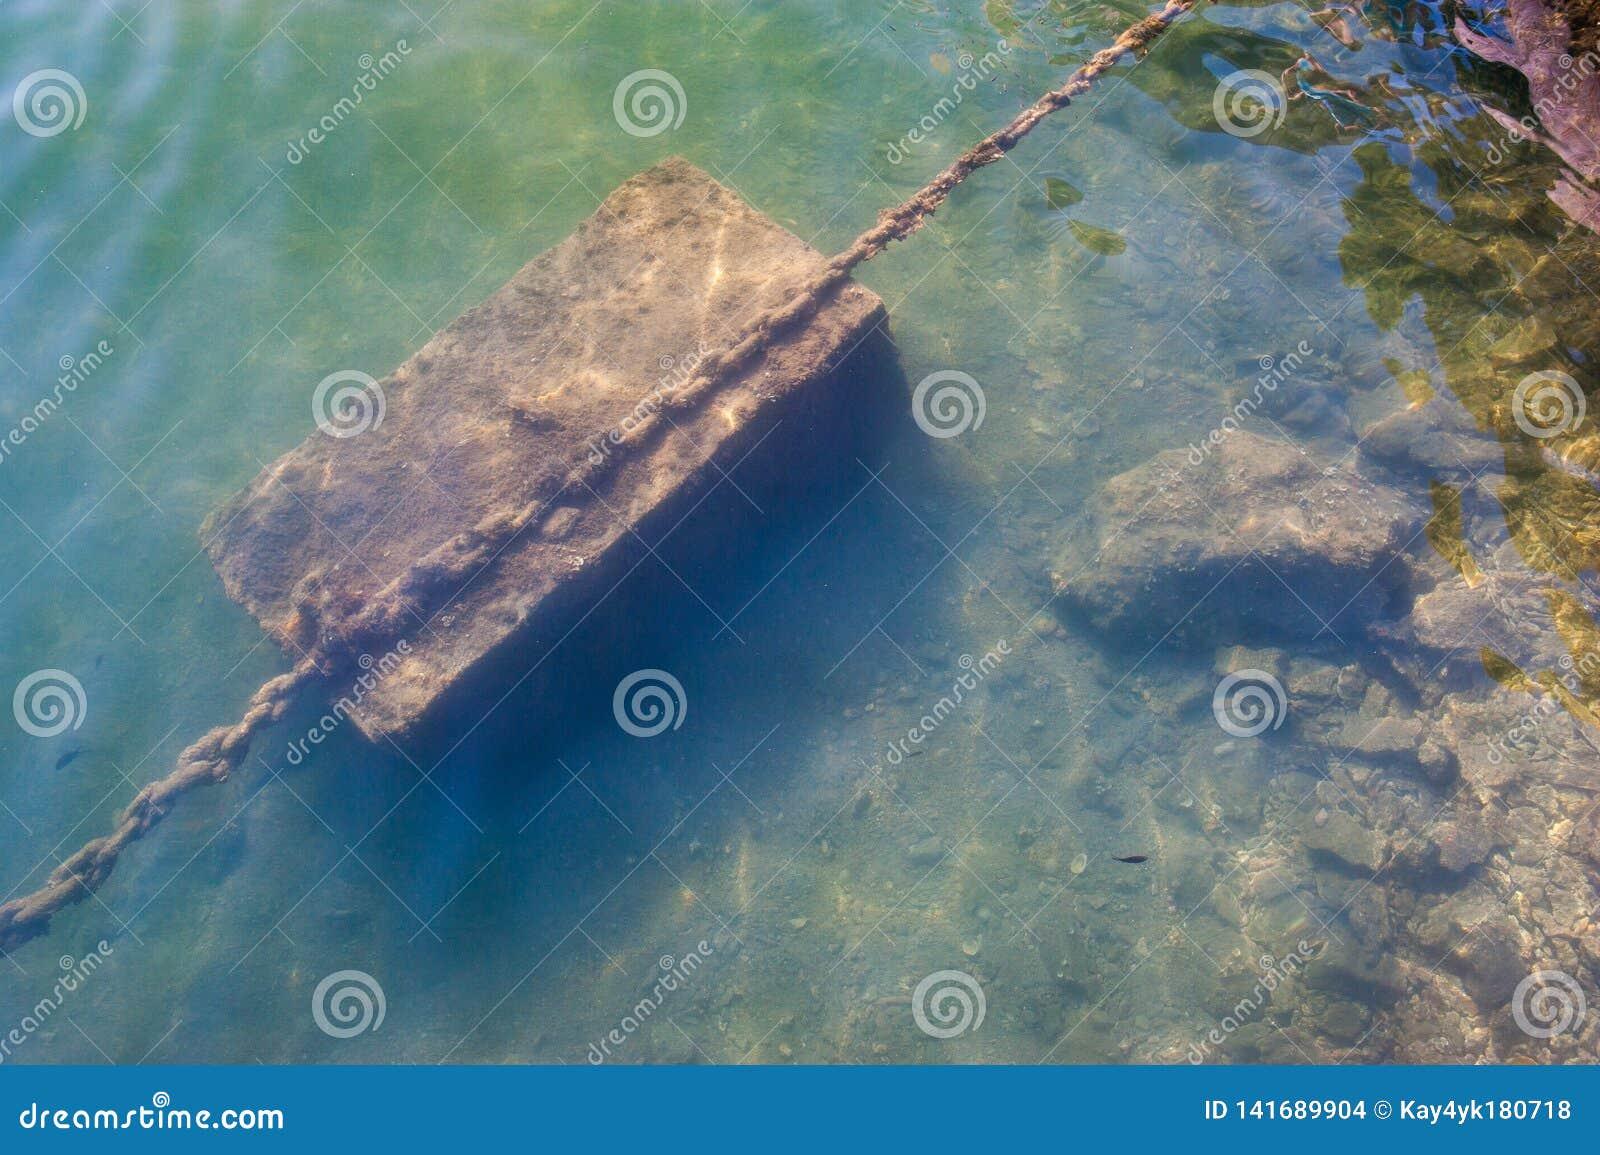 Rostig kedja under vatten, ankare hed på kusten